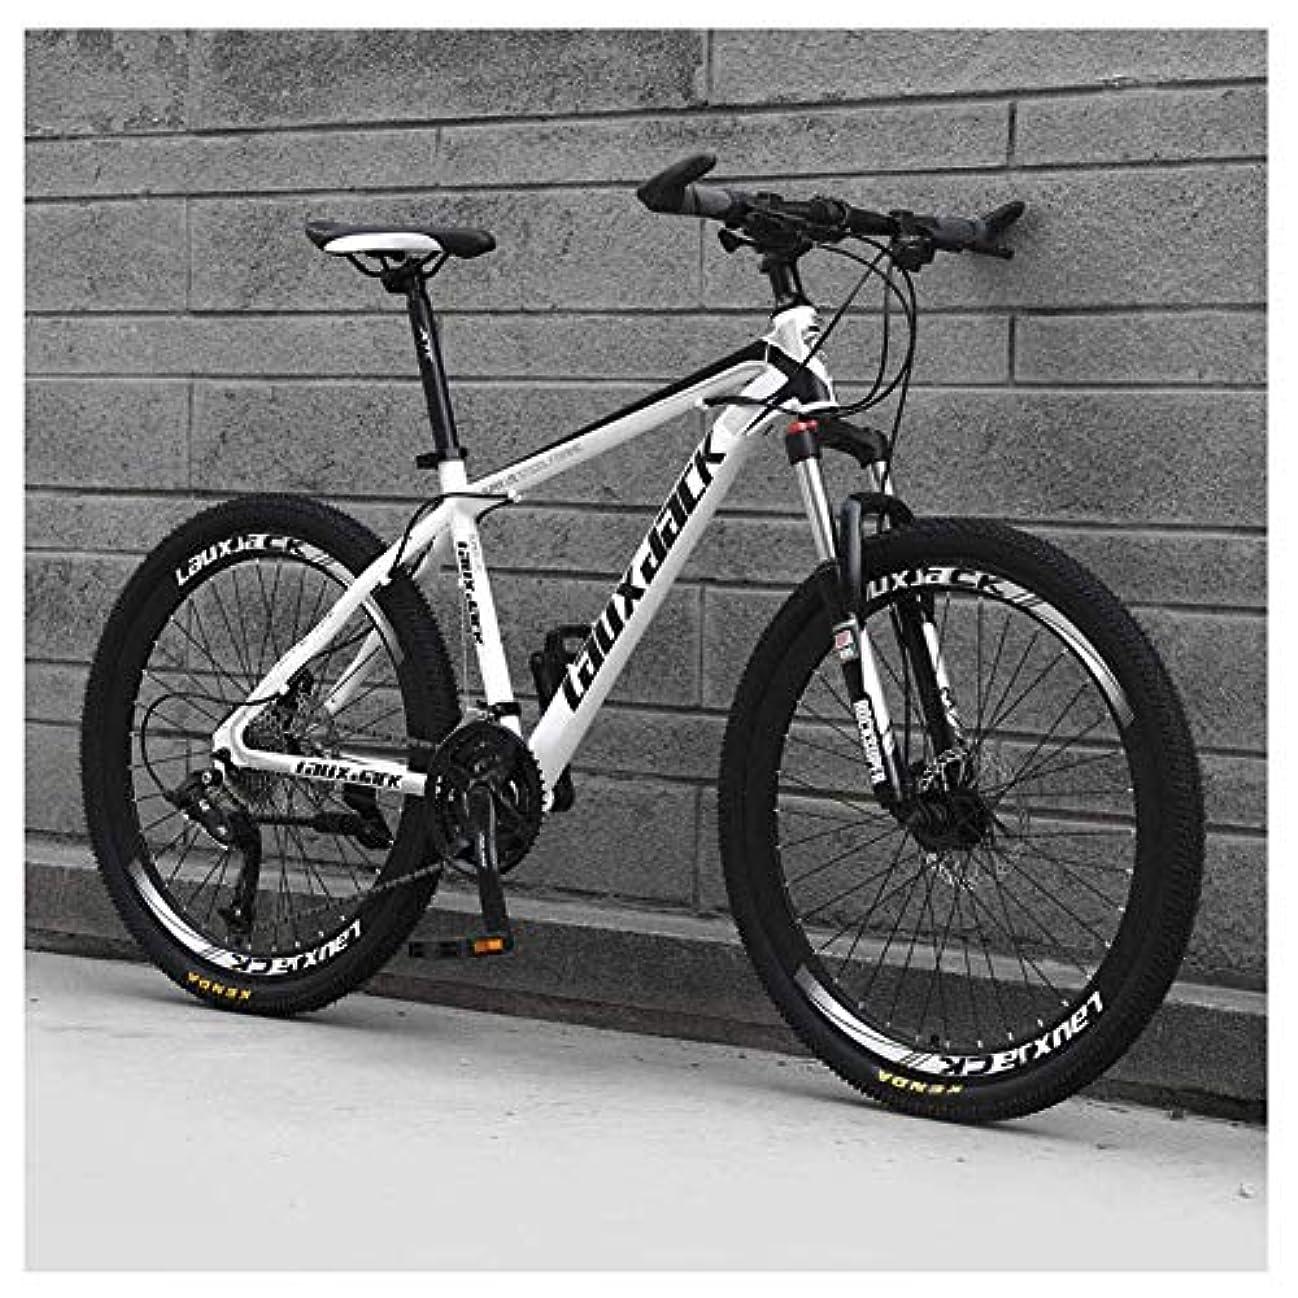 海外であごひげなだめるYing-CC 自転車 アウトドアスポーツマウンテンバイク21スピード26インチのダブルディスクブレーキサスペンションフォークサスペンション滑り止めバイク、ホワイト 屋外スポーツ